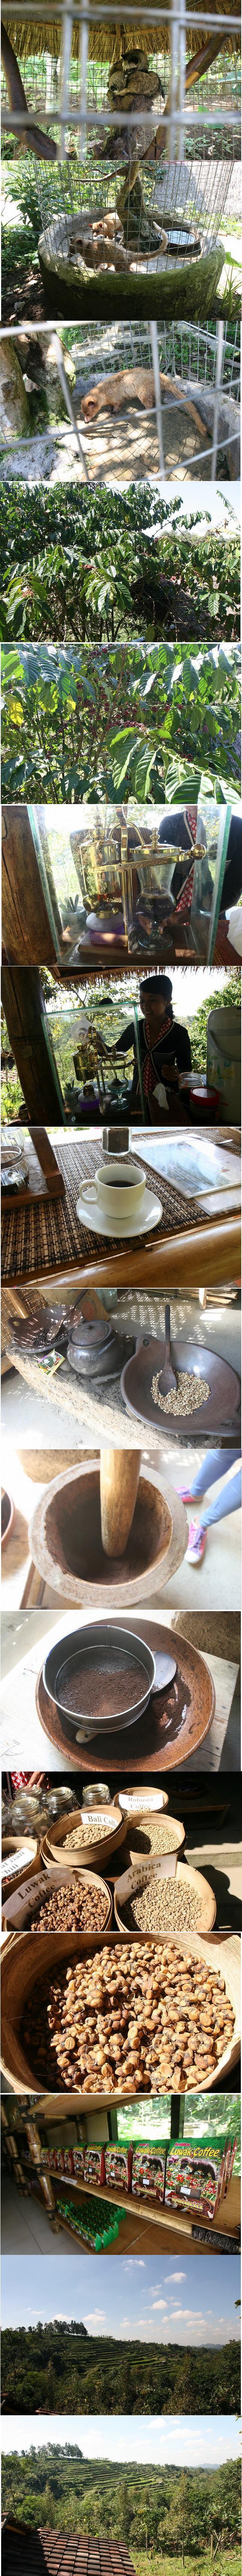 ルアックコーヒーブログサイズ